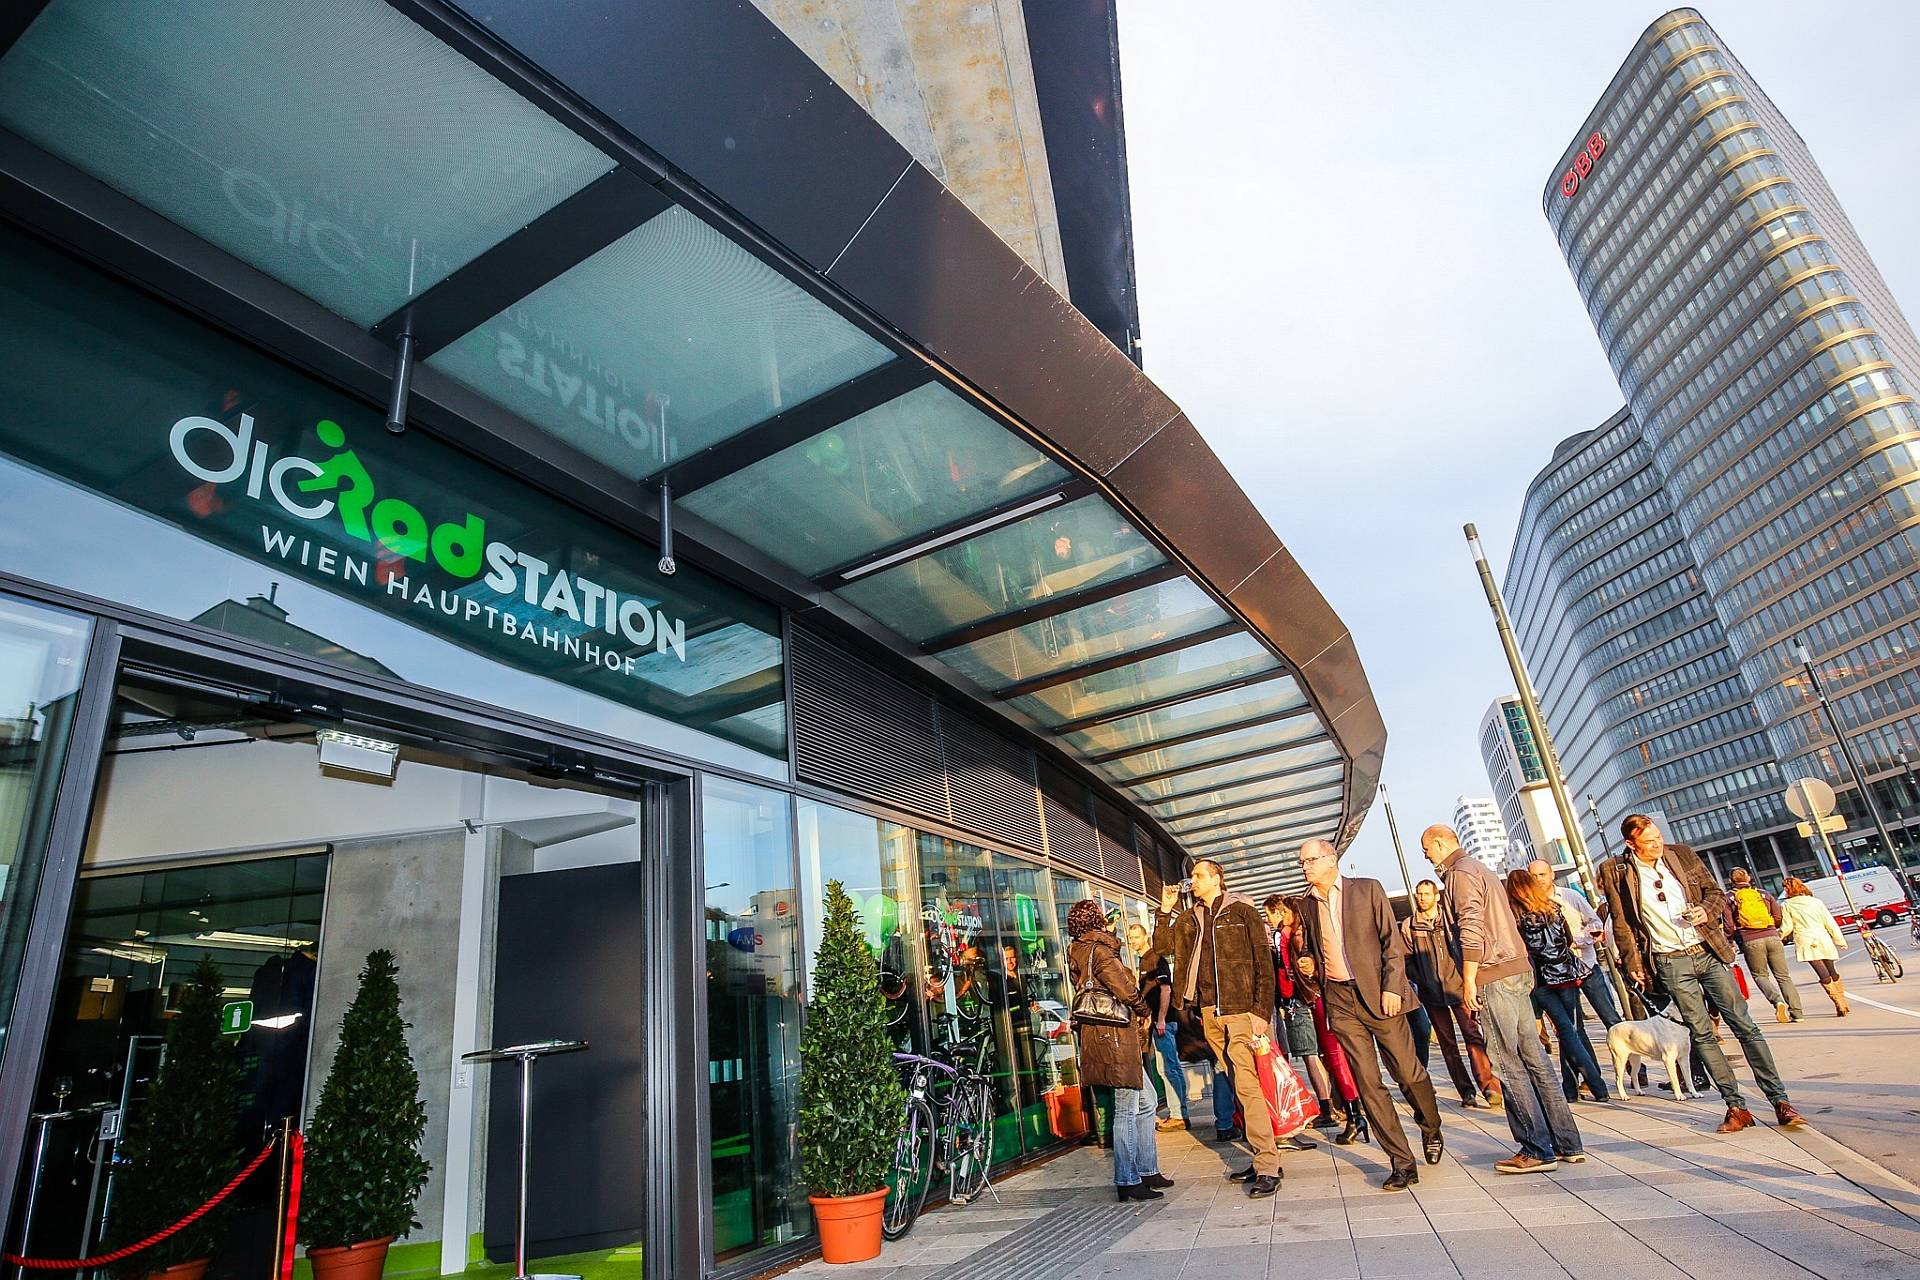 Die Radstation am Hauptbahnhof bietet überdachte, bewachte Rad-Abstellplätze, Reperaturservice, Rad-Verleih.